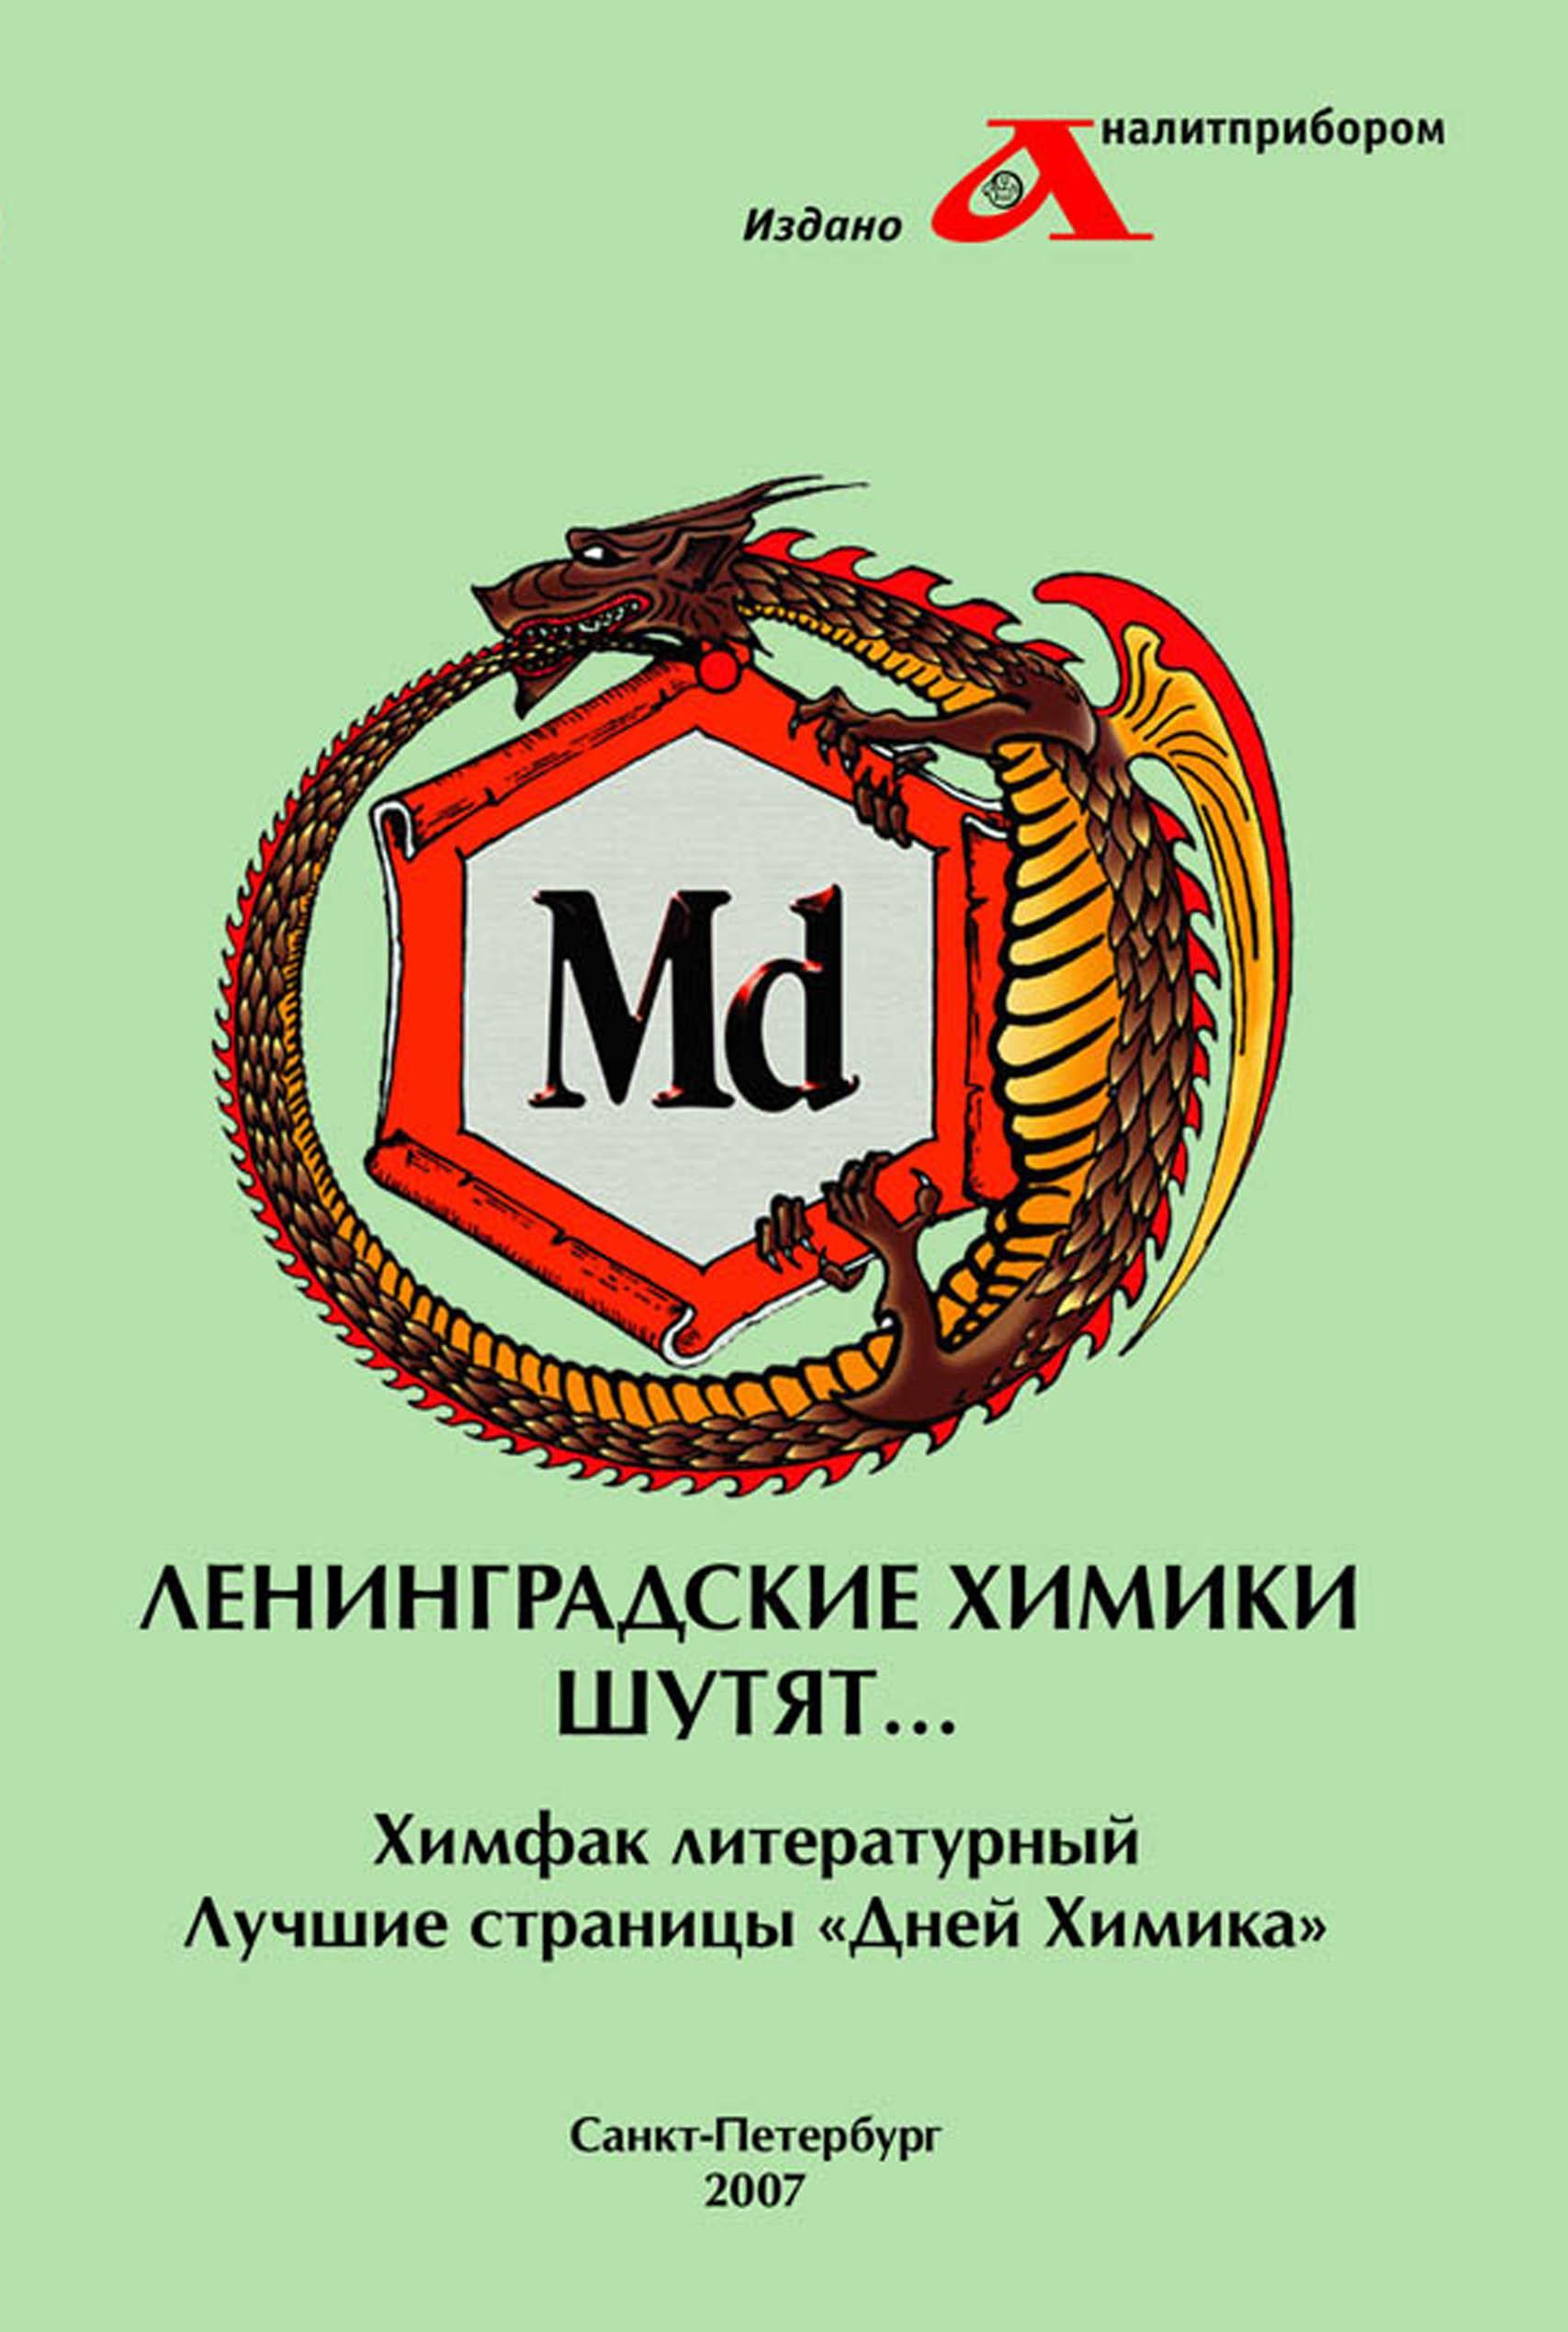 Ленинградские химики шутят...: Химфак литературный, лучшие страницы